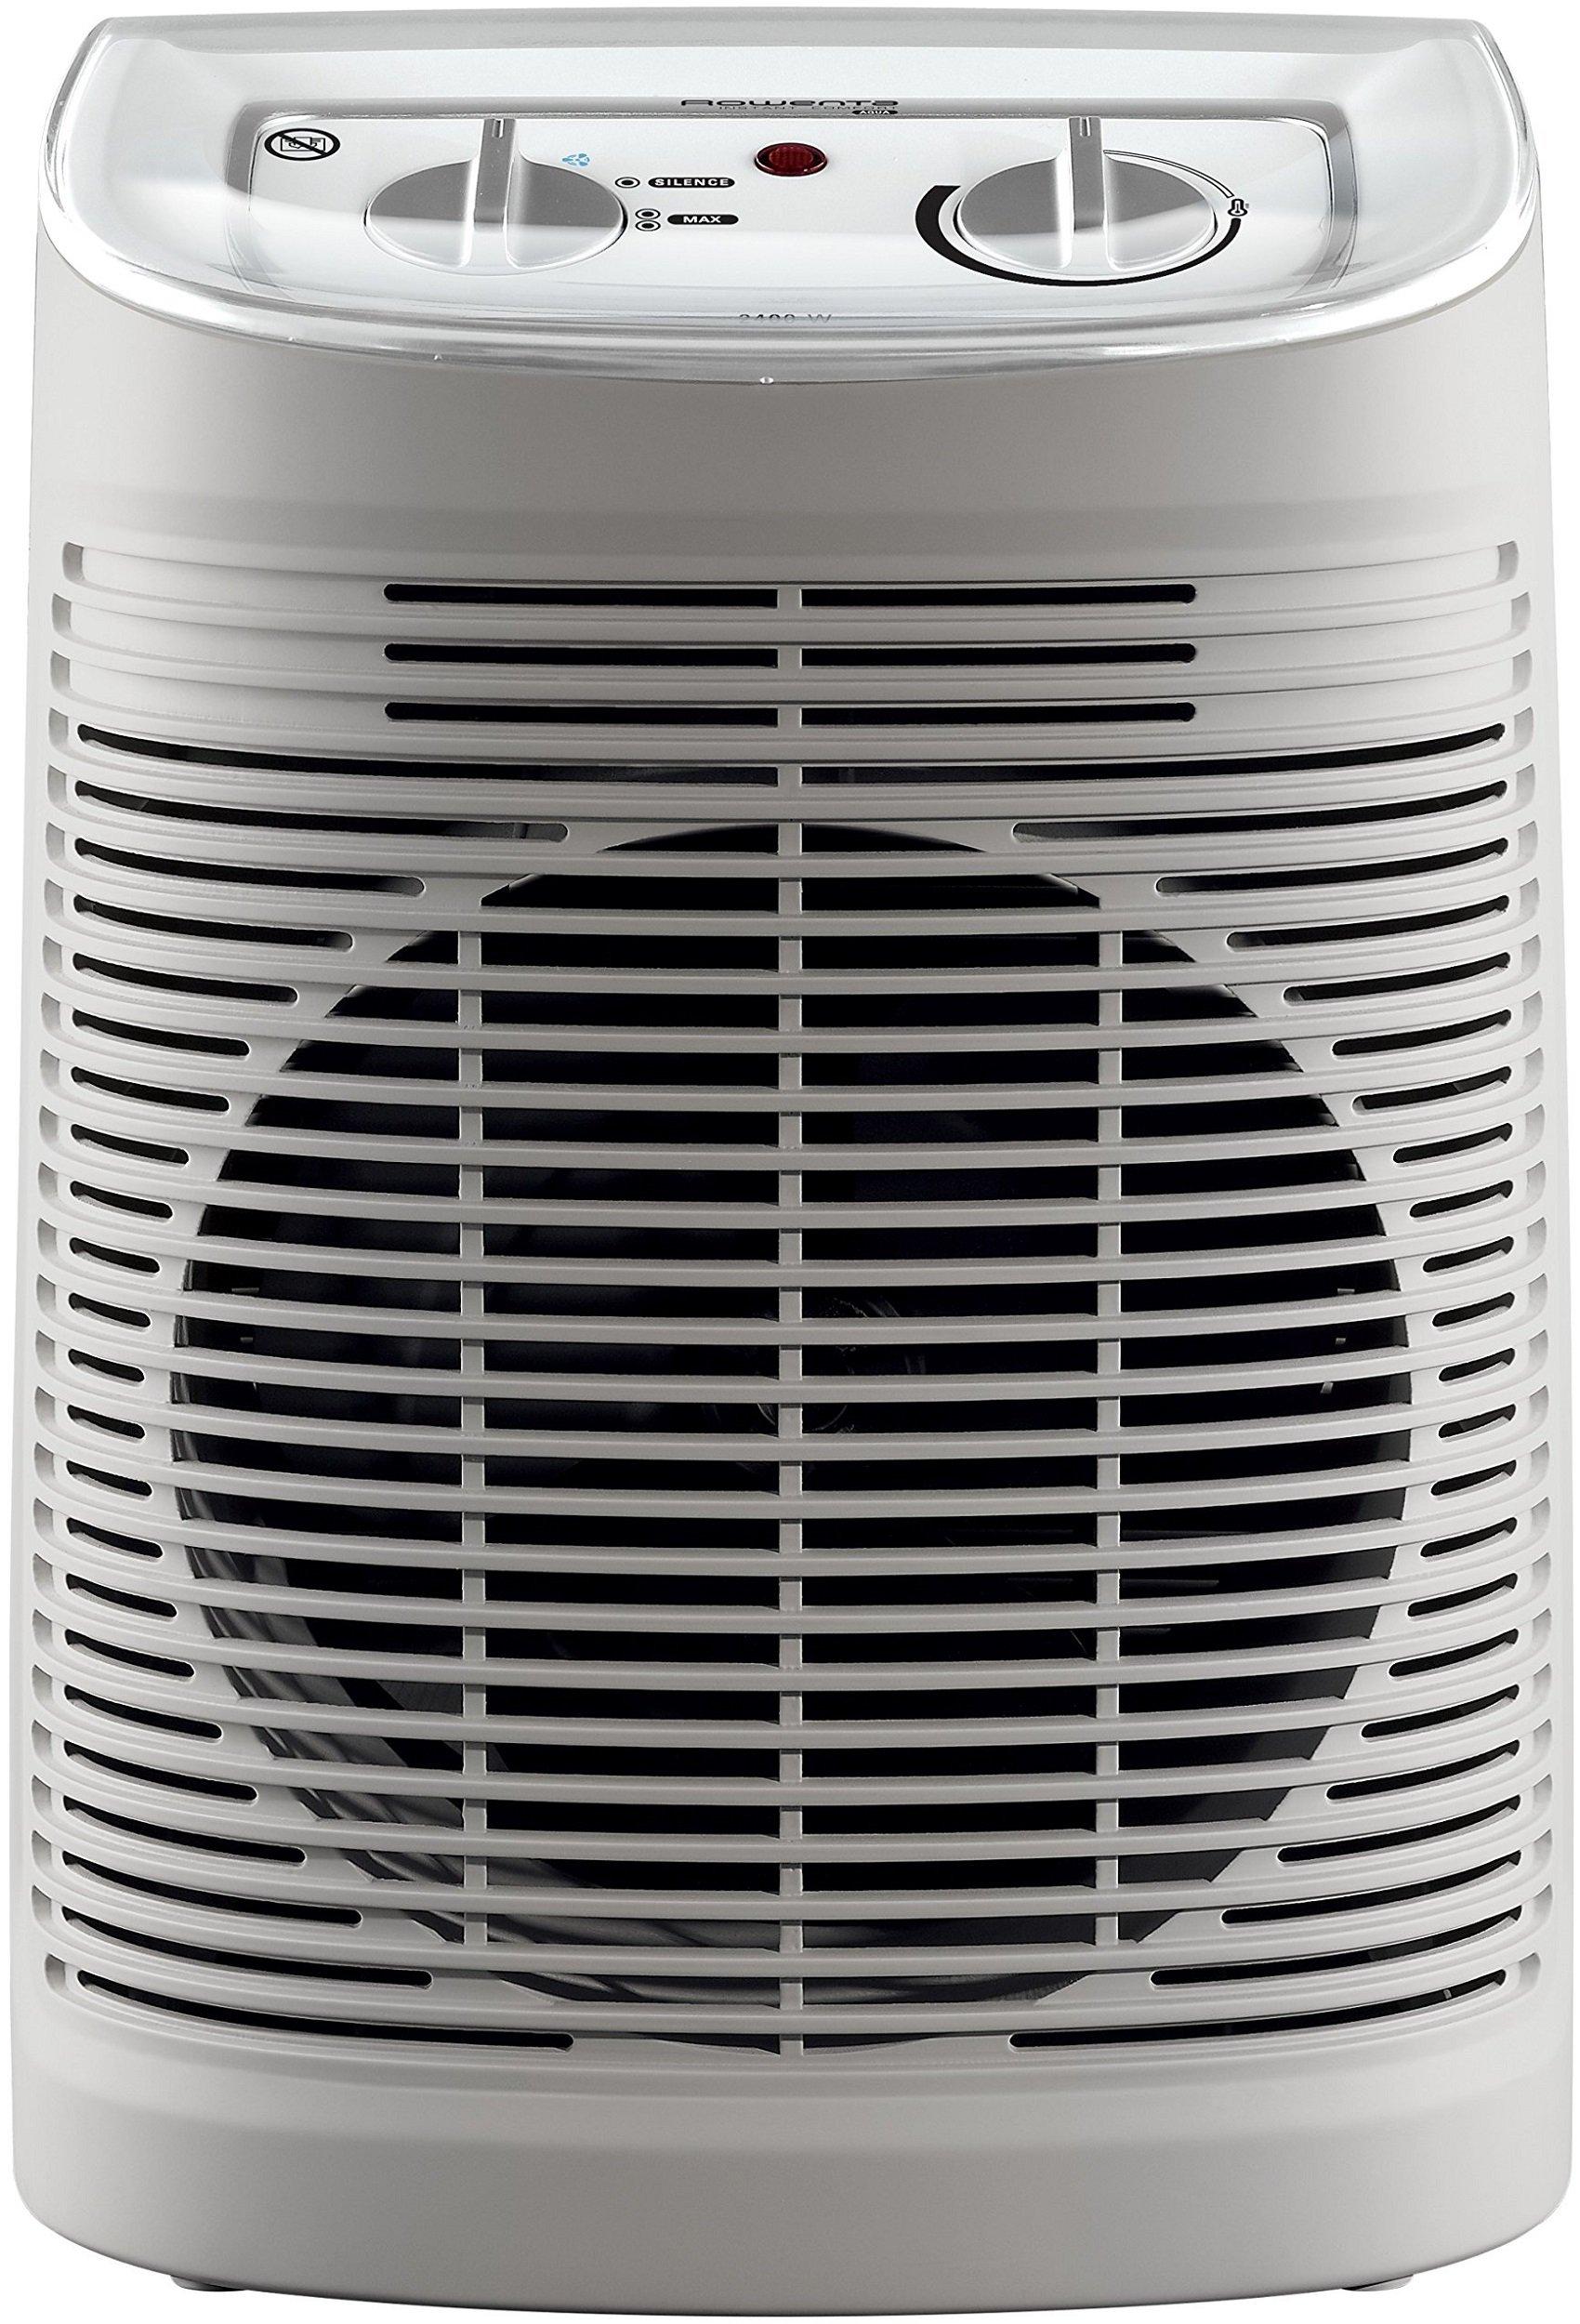 Rowenta Instant Comfort Aqua SO6510 - Calefactor 2400 W, apto para baños, función Silence